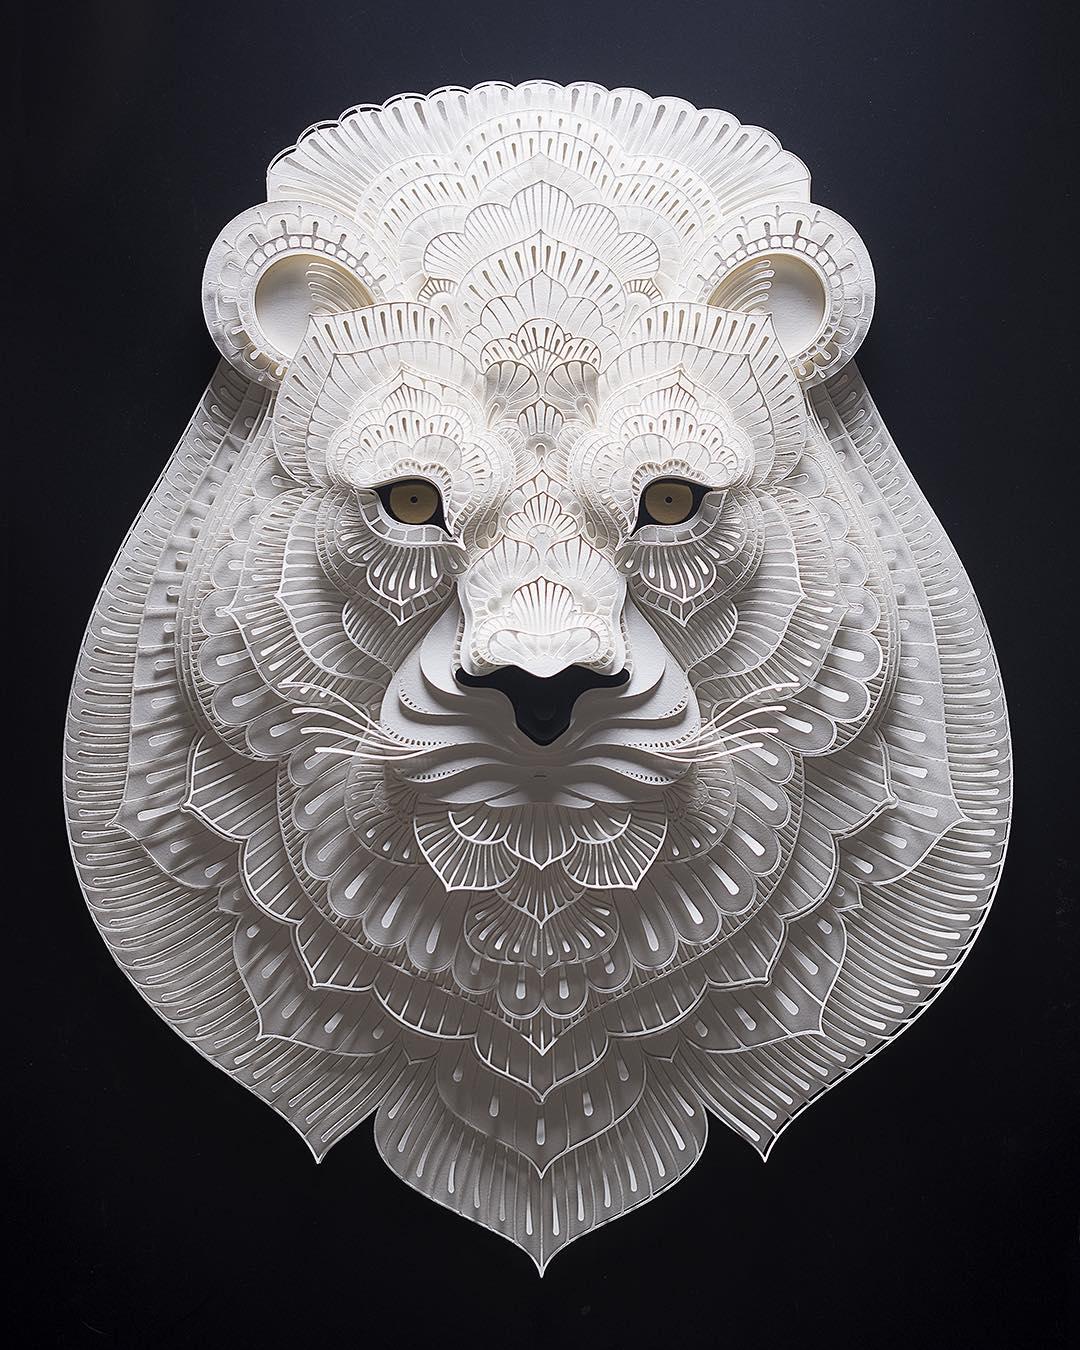 Avec du simple papier, il réalise de superbes portraits d'animaux en voie de disparition Patrick-cabral-papier-portraits-animaux-21